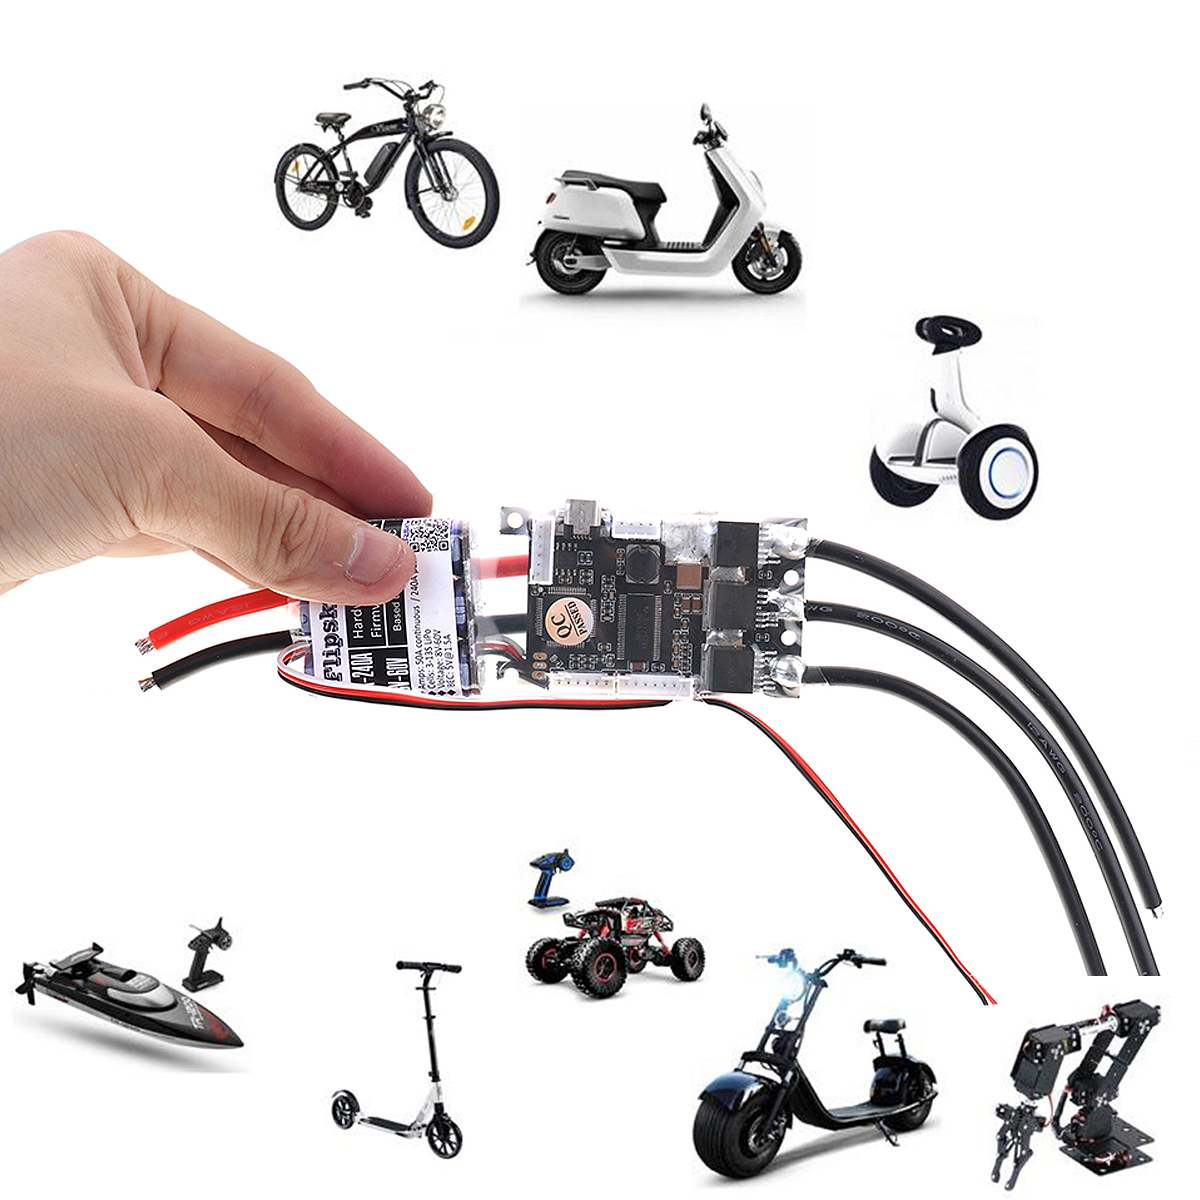 50A ESC Électronique régulateur de vitesse bricolage Planche À Roulettes Pour Skateboard électrique RC Voiture Bateau E-vélo E-scooter Robot